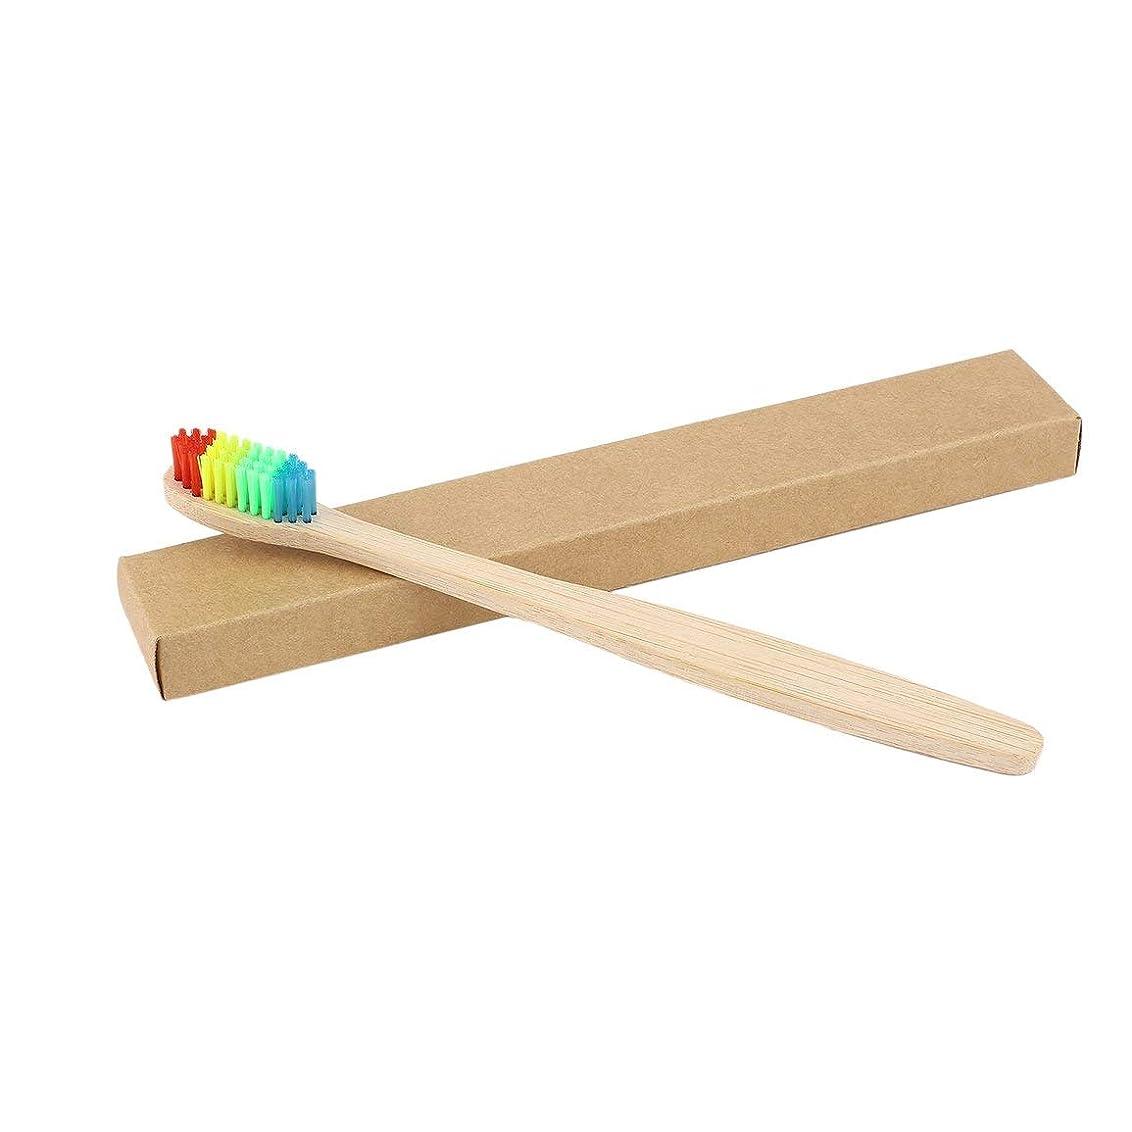 お香腸思われるカラフルな髪+竹のハンドル歯ブラシ環境木製の虹竹の歯ブラシオーラルケアソフト剛毛ユニセックス - ウッドカラー+カラフル